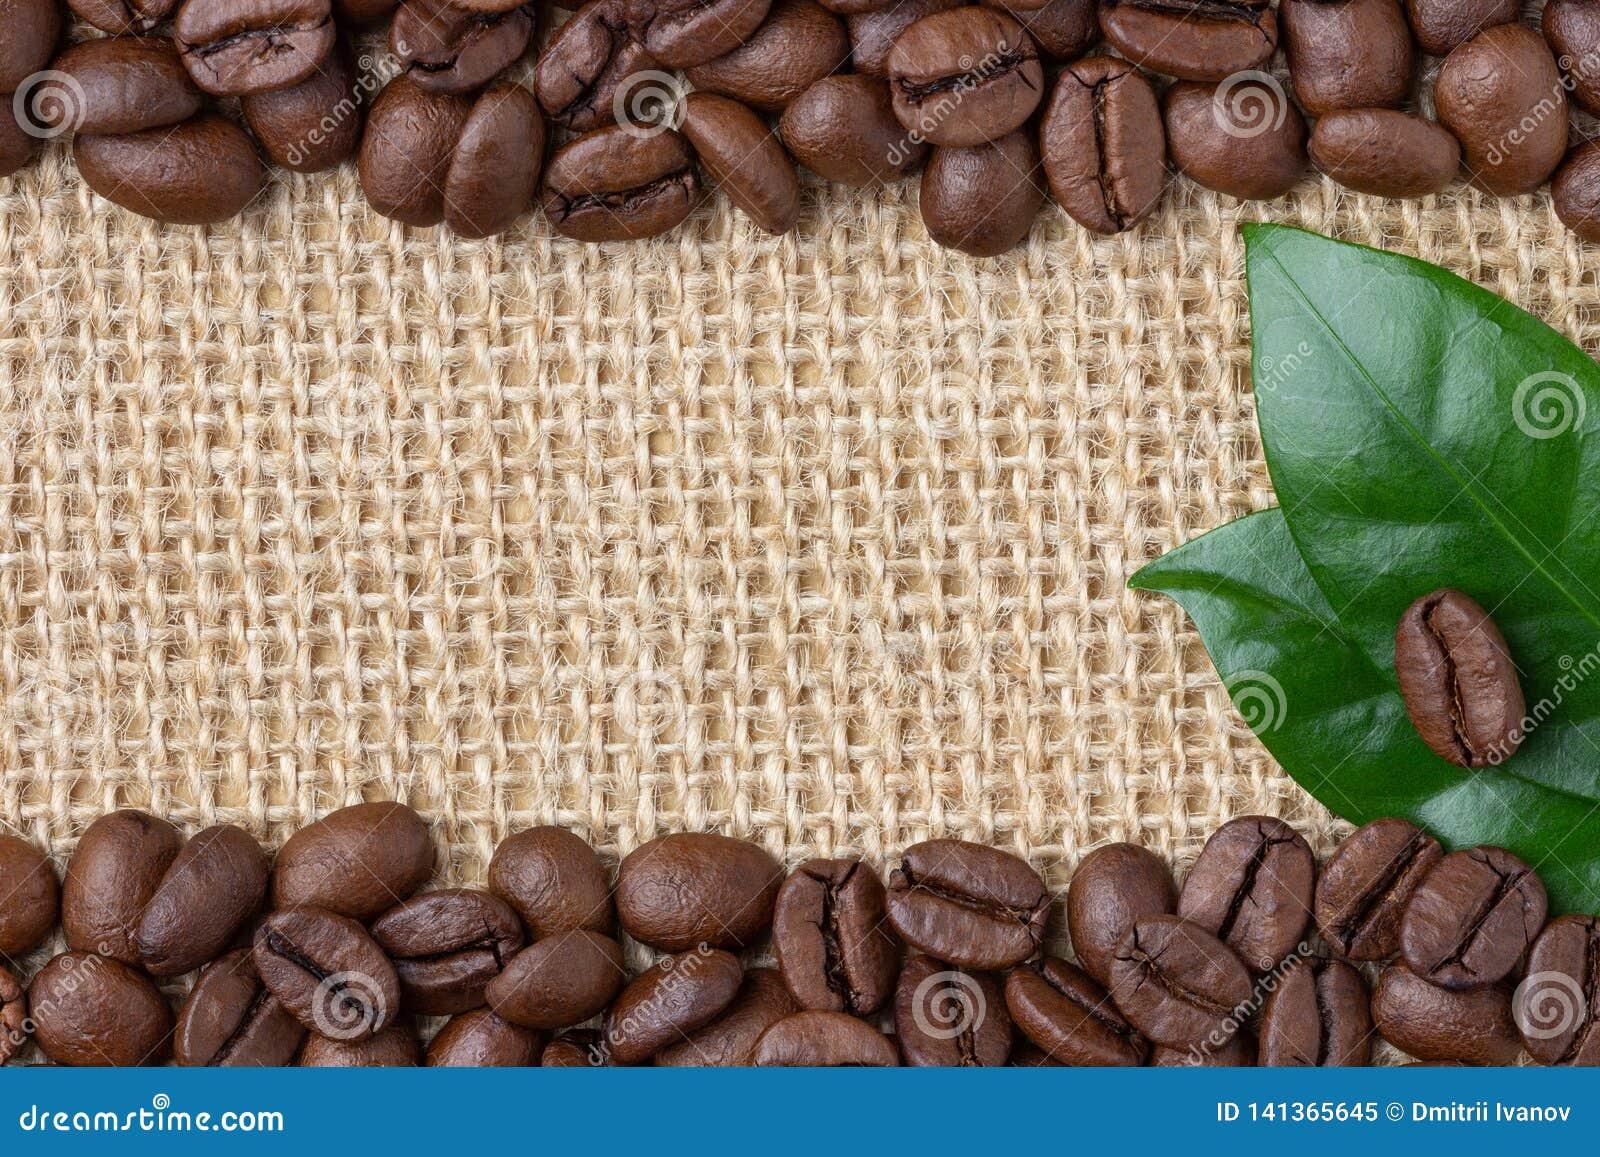 咖啡边界 豆和叶子在粗麻布背景